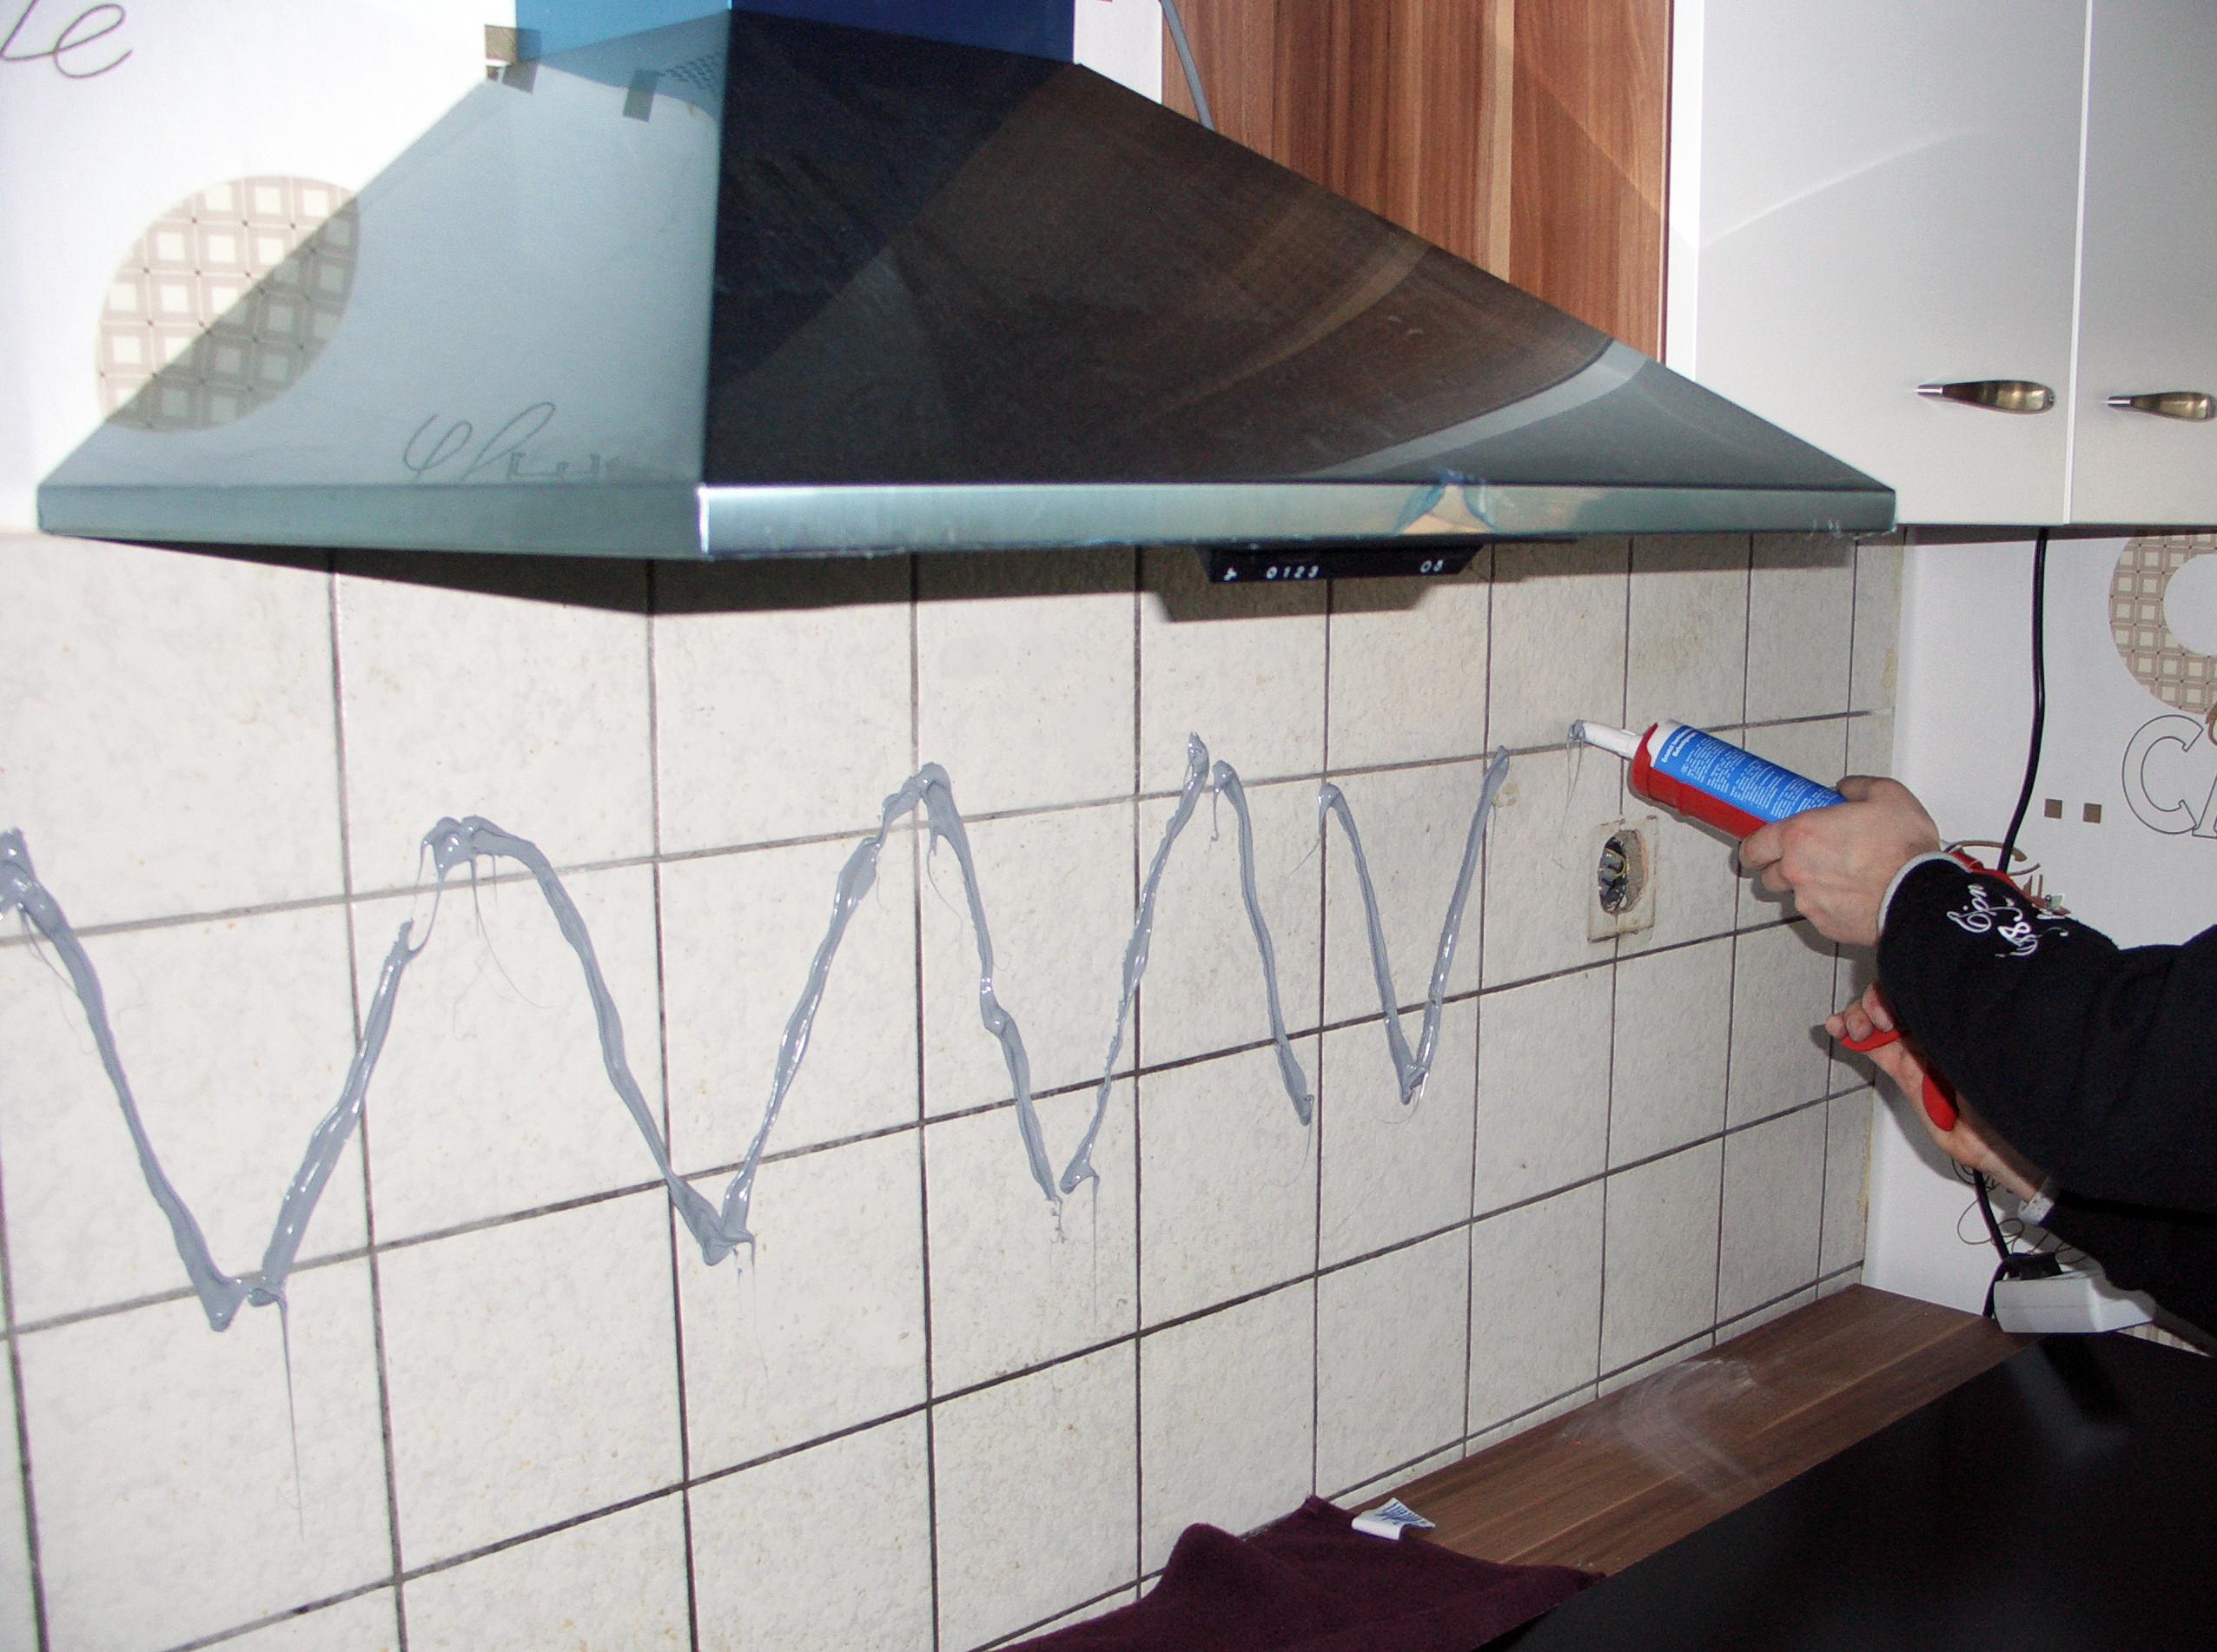 Full Size of Küchen Fliesenspiegel Prokilo Metall Und Kunststoffmarkt Bauanleitung Wie Du Aus Küche Glas Regal Selber Machen Wohnzimmer Küchen Fliesenspiegel